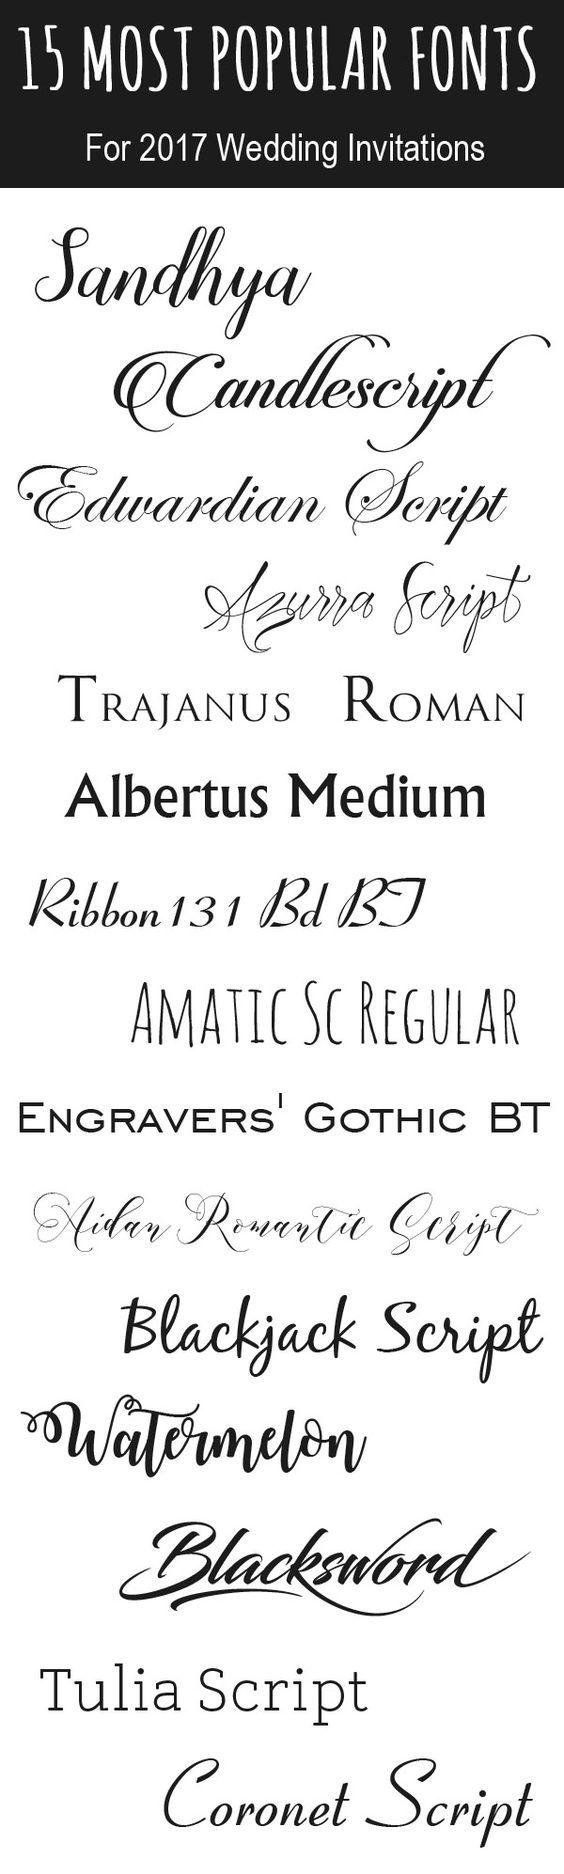 RibbonEngravers GothicBlackjack script